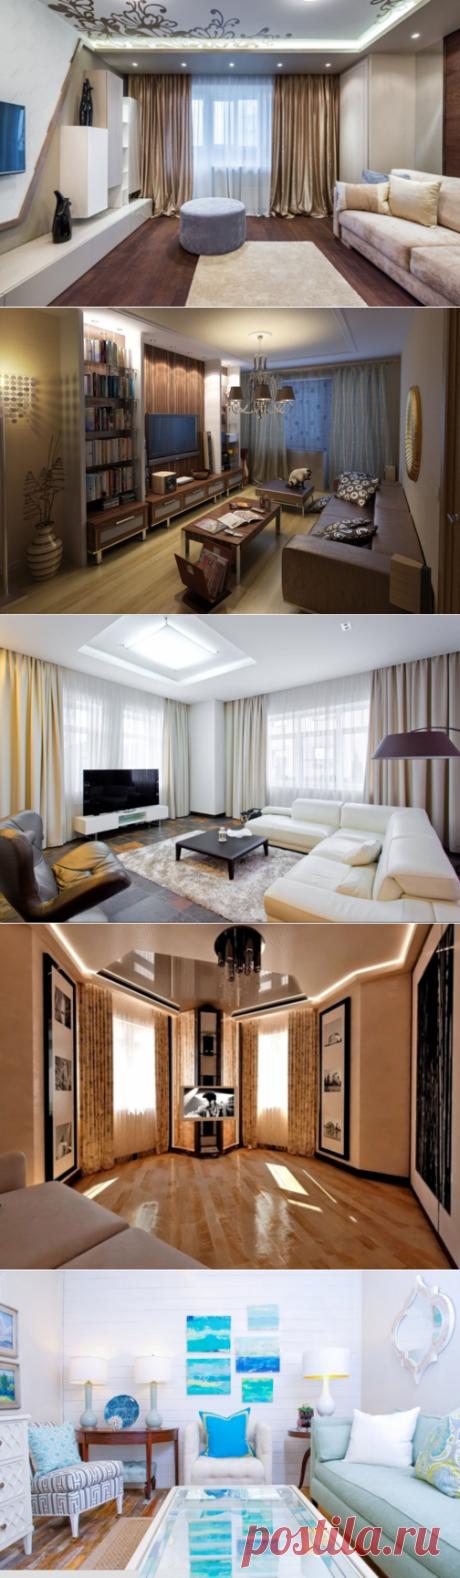 Дизайн маленького зала: как достигнуть гармонии, избежав досадных ошибок